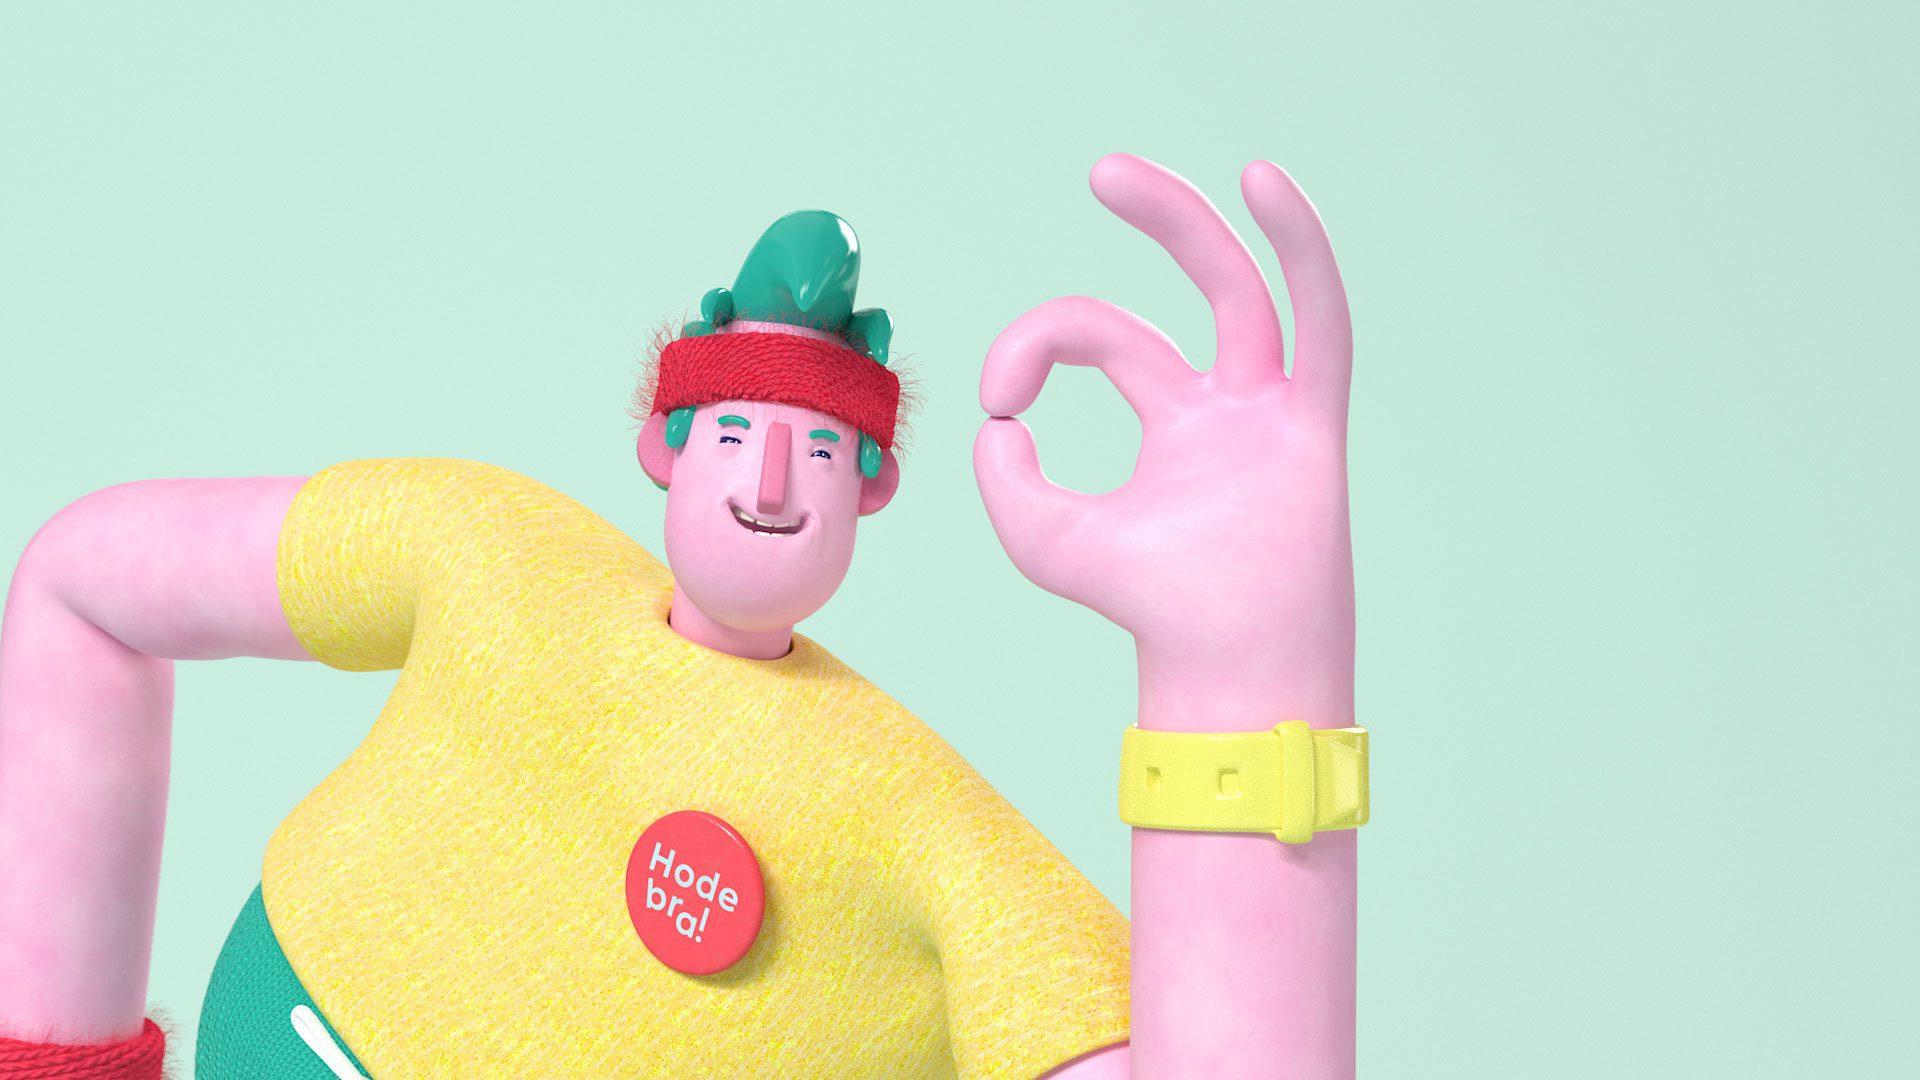 3d animasjon av hodebra karakteren som smiler bredt til kamera og viser ok tegnet med handen